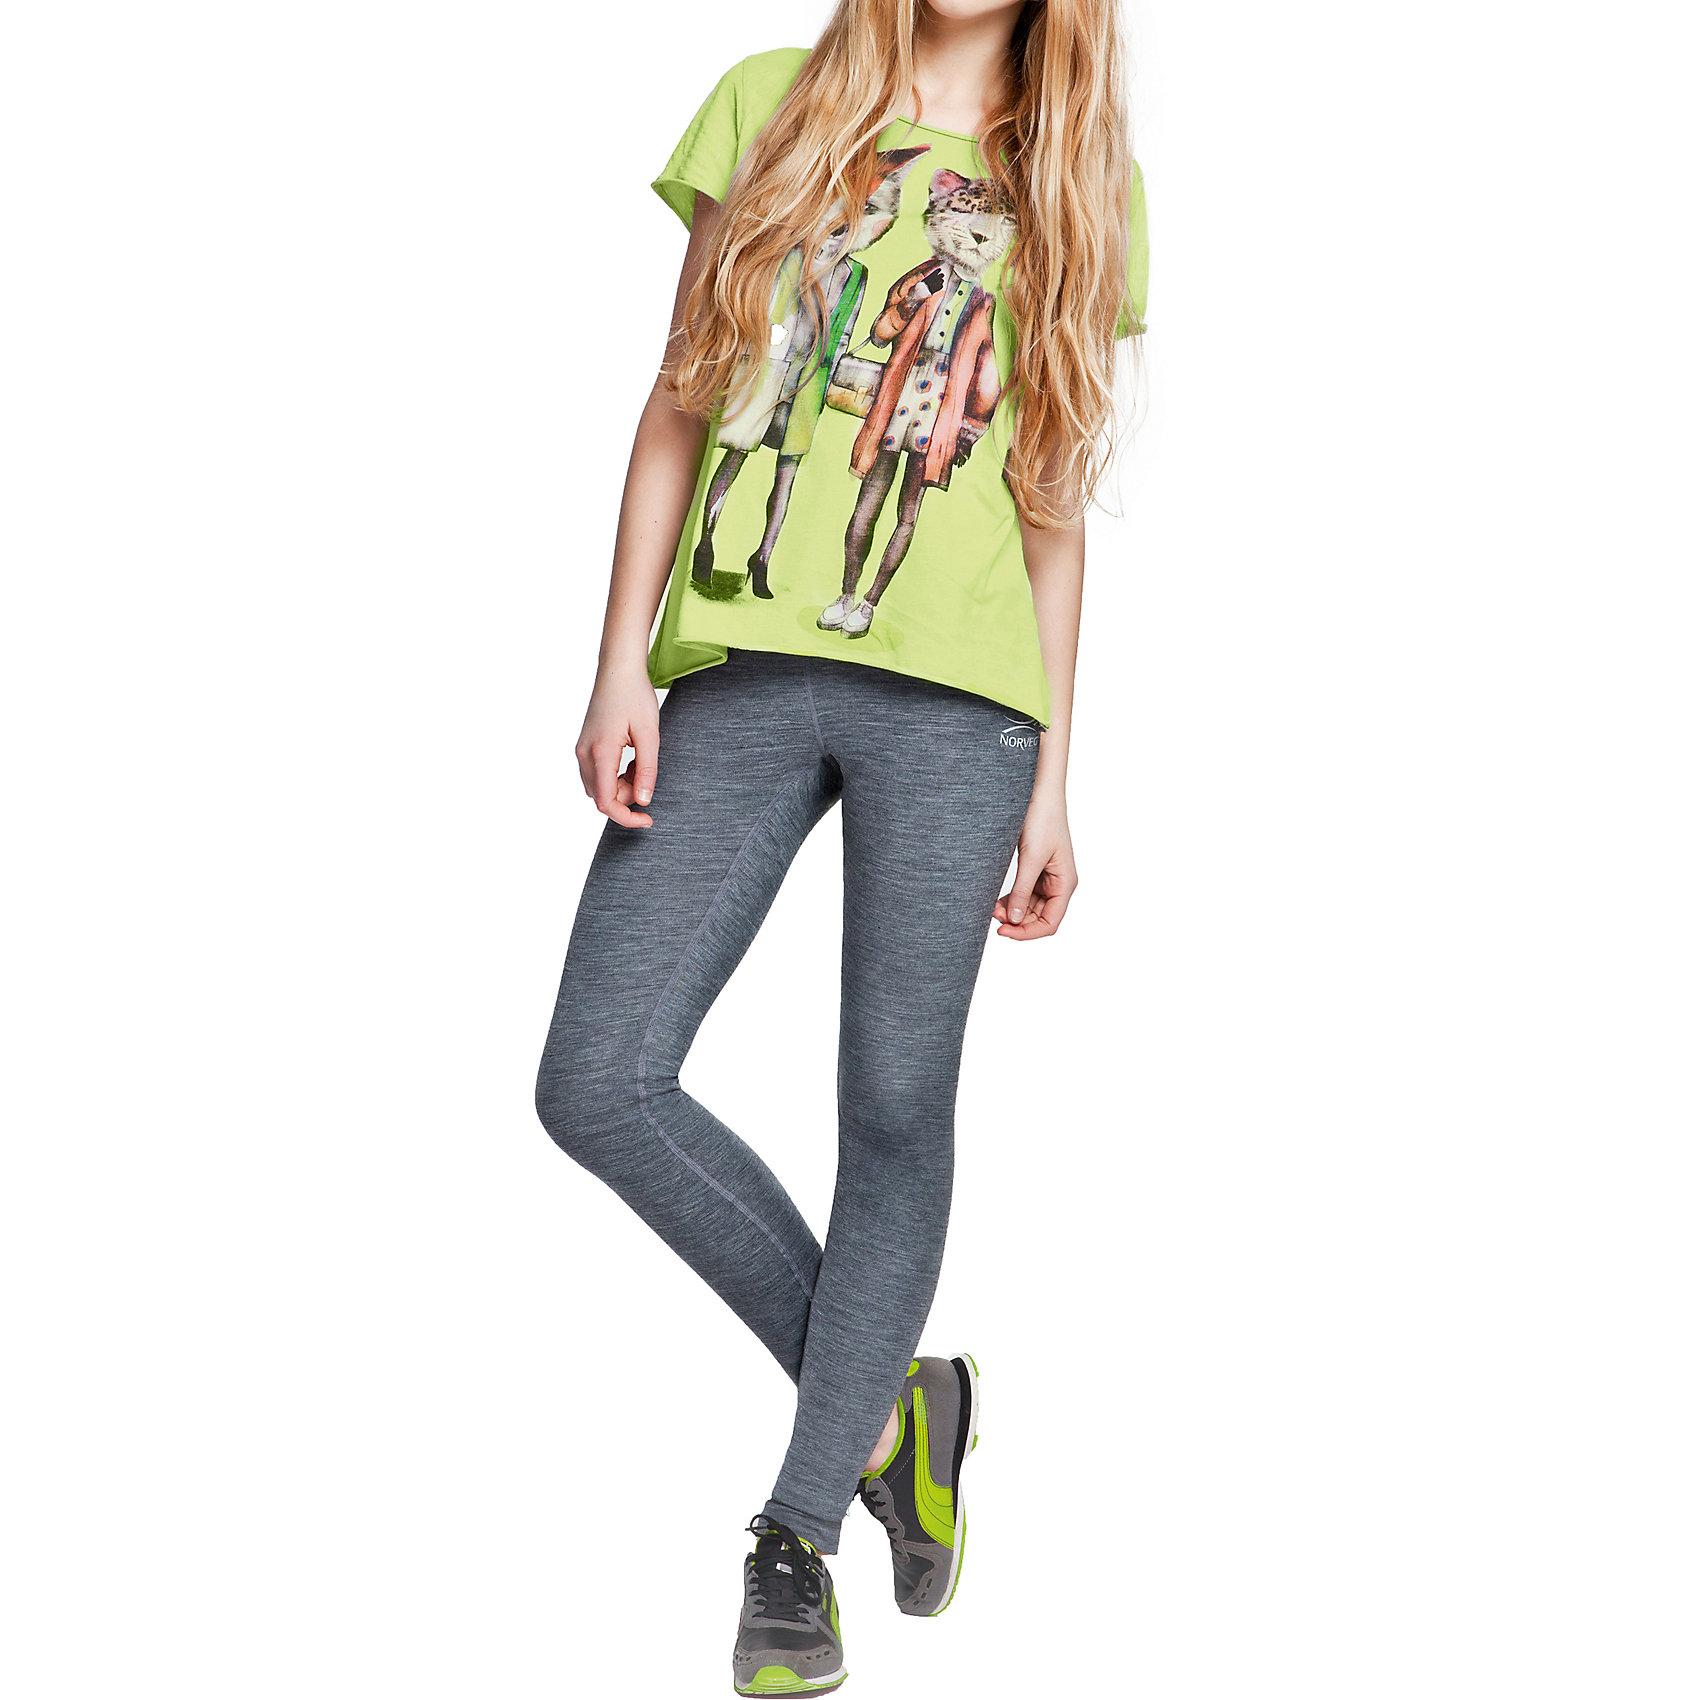 Леггинсы для девочки NorvegФлис и термобелье<br>Леггинсы для девочки от известного бренда Norveg<br><br>Термолеггинсы Norveg Soft Teens от немецкой компании Norveg (Норвег) - это удобная и красивая одежда, которая обеспечит комфортную терморегуляцию тела и на улице, и в помещении. <br>Она сделана из шерсти мериноса (австралийской тонкорунной овцы), которая обладает гипоаллергенными свойствами, поэтому не вызывает раздражения, даже если надета на голое тело.<br><br>Отличительные особенности модели:<br><br>- цвет: черный, сбоку принт с логотипом;<br>- швы плоские, не натирают и не мешают движению;<br>- анатомические резинки;<br>- материал впитывает влагу и сразу выводит наружу;<br>- анатомический крой;<br>- подходит и мальчикам, и девочкам;<br>- не мешает под одеждой.<br><br>Дополнительная информация:<br><br>- Температурный режим: от - 20° С  до +10° С.<br><br>- Состав: 100% шерсть мериноса<br><br>Леггинсы для девочки Norveg (Норвег) можно купить в нашем магазине.<br><br>Ширина мм: 123<br>Глубина мм: 10<br>Высота мм: 149<br>Вес г: 209<br>Цвет: черный<br>Возраст от месяцев: 108<br>Возраст до месяцев: 120<br>Пол: Женский<br>Возраст: Детский<br>Размер: 140/146,152/158,164/170<br>SKU: 3895094